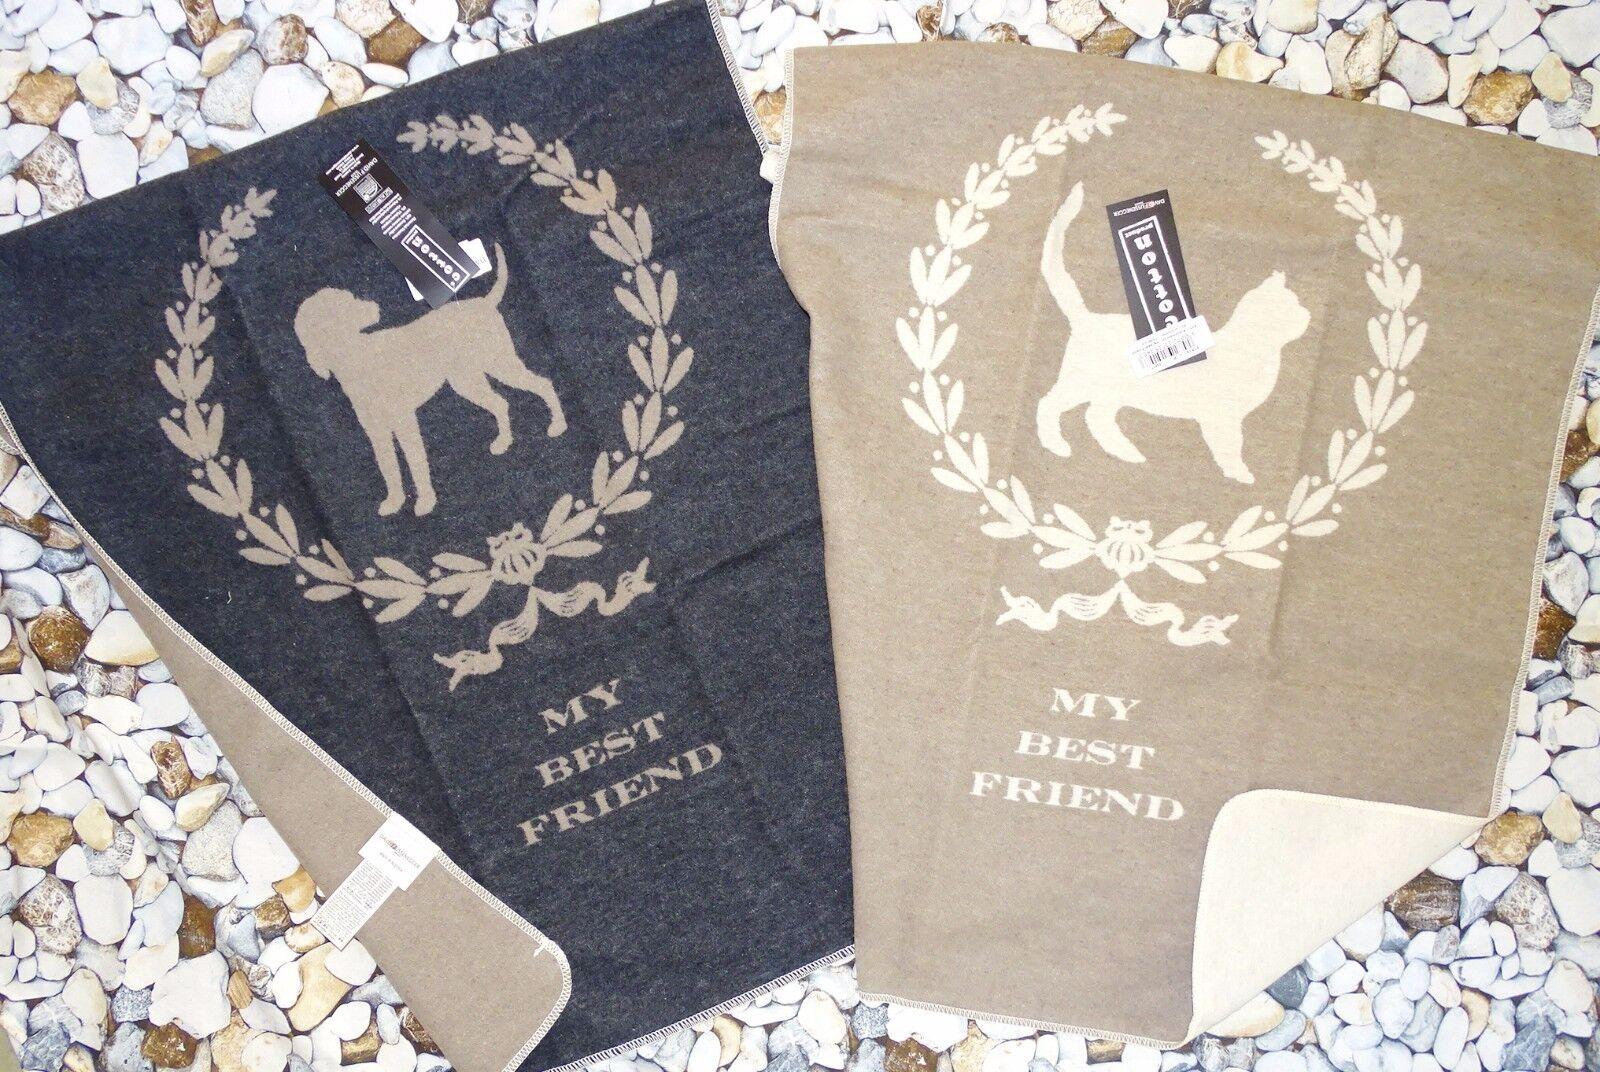 Fussenegger Haustierdecke*My Best Friend*Hund oder Katze*70x90cm*Kuschel-Decke